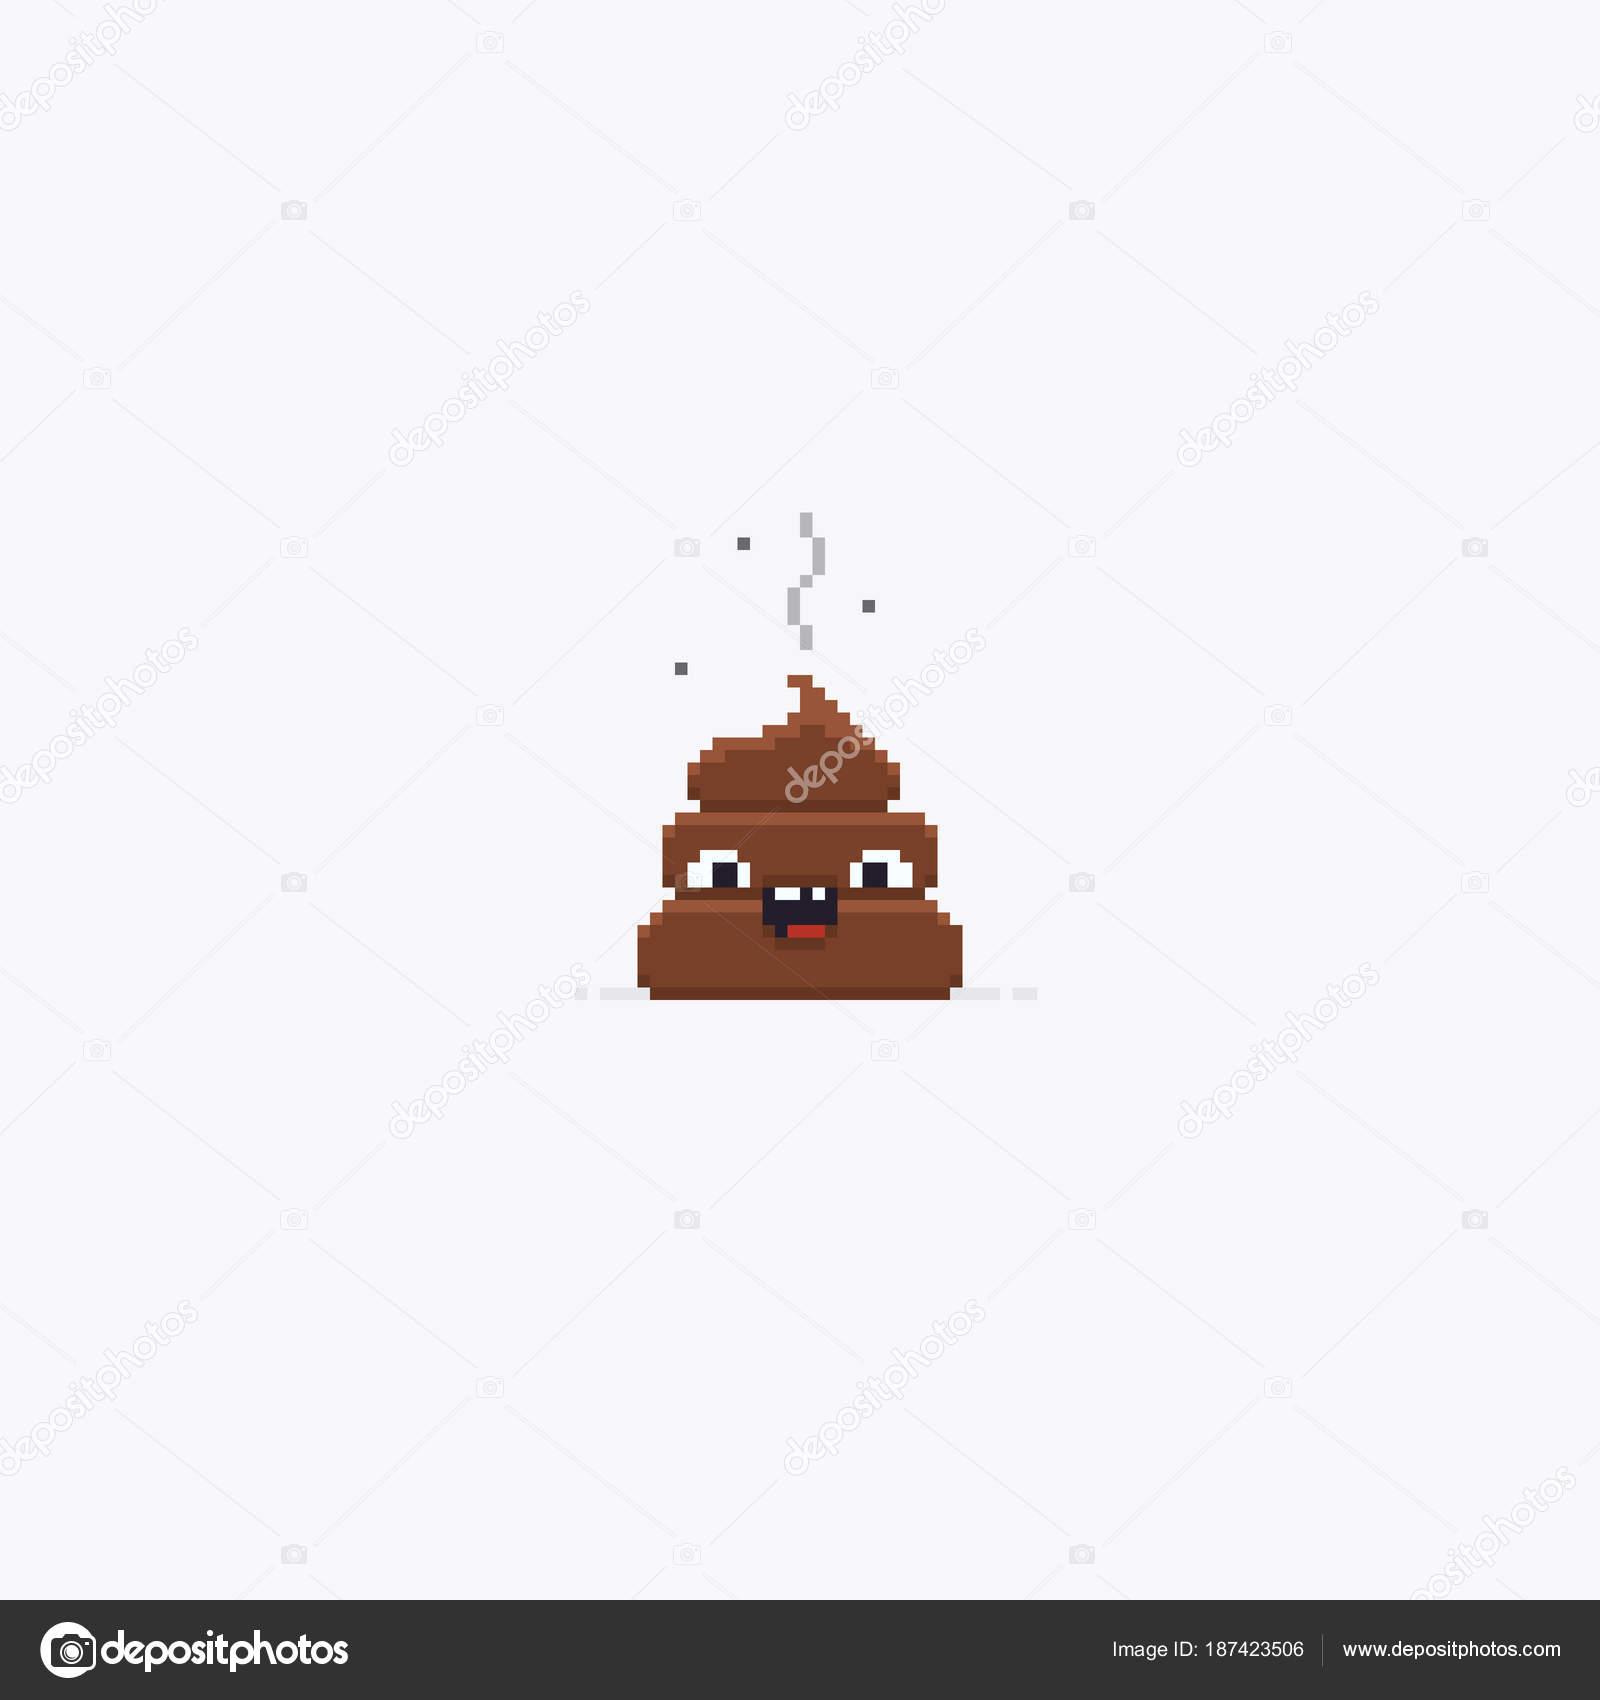 Pixel Art Poop Pixel Art Poop Stock Vector Chuckchee